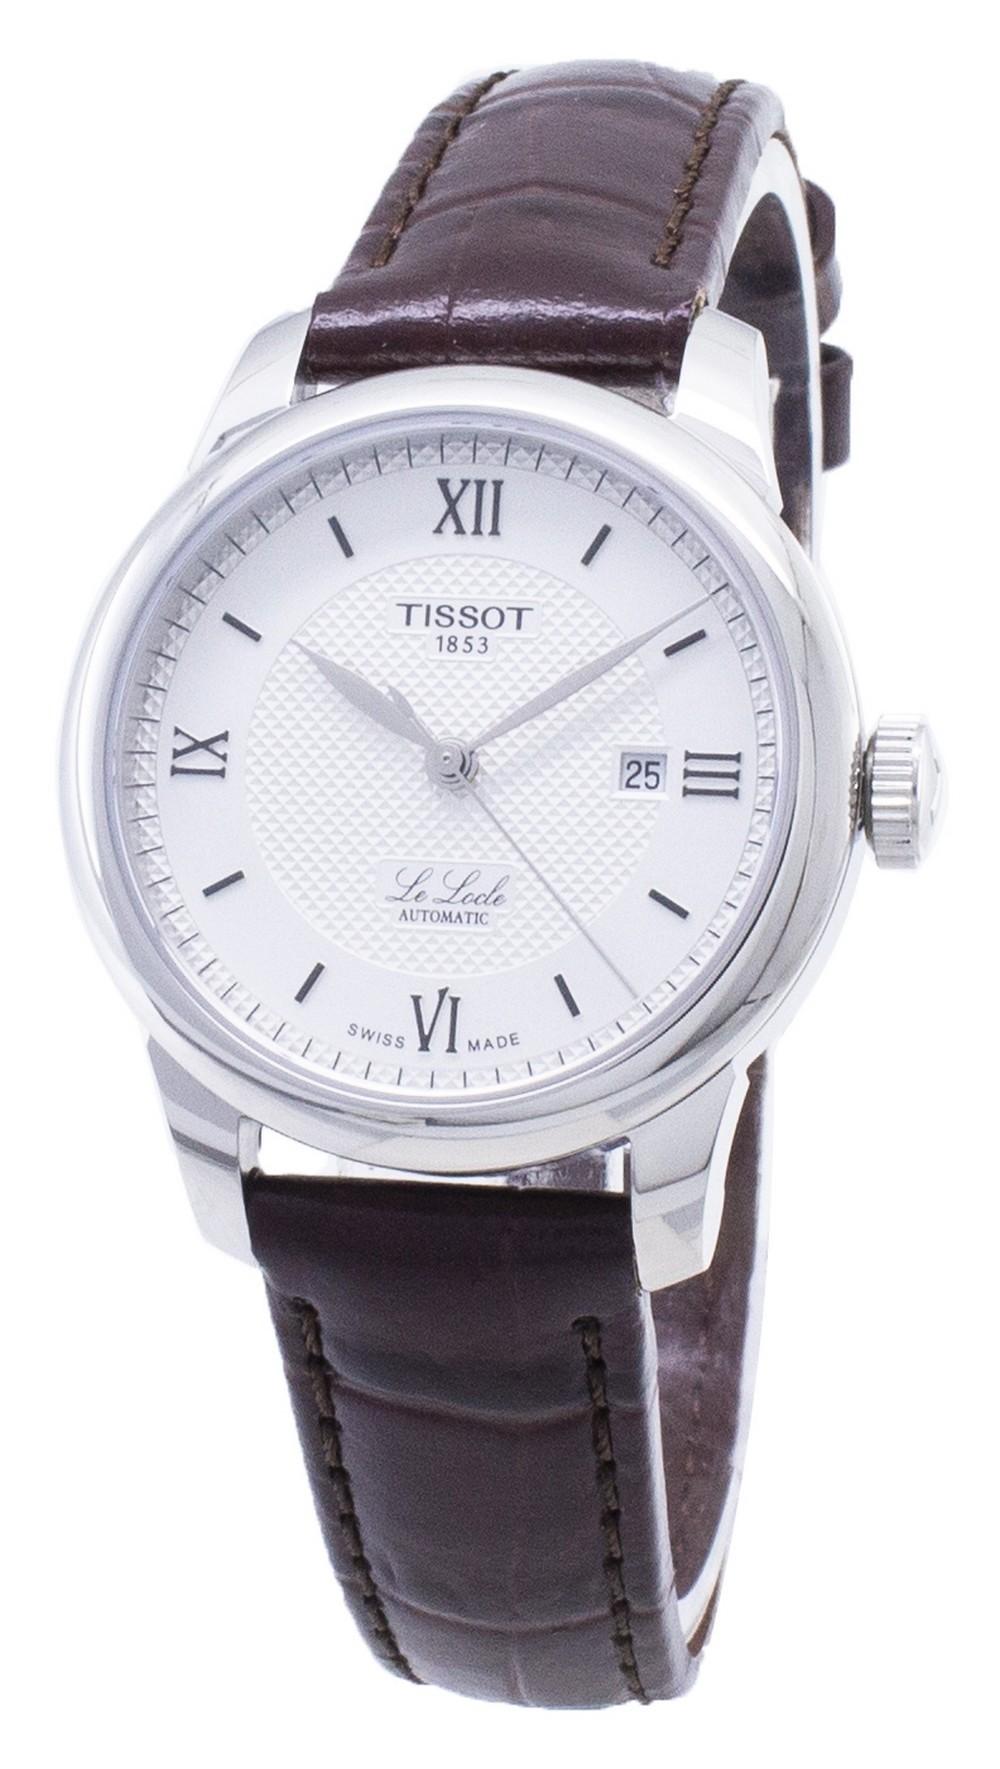 TISSOT Specialities Classics